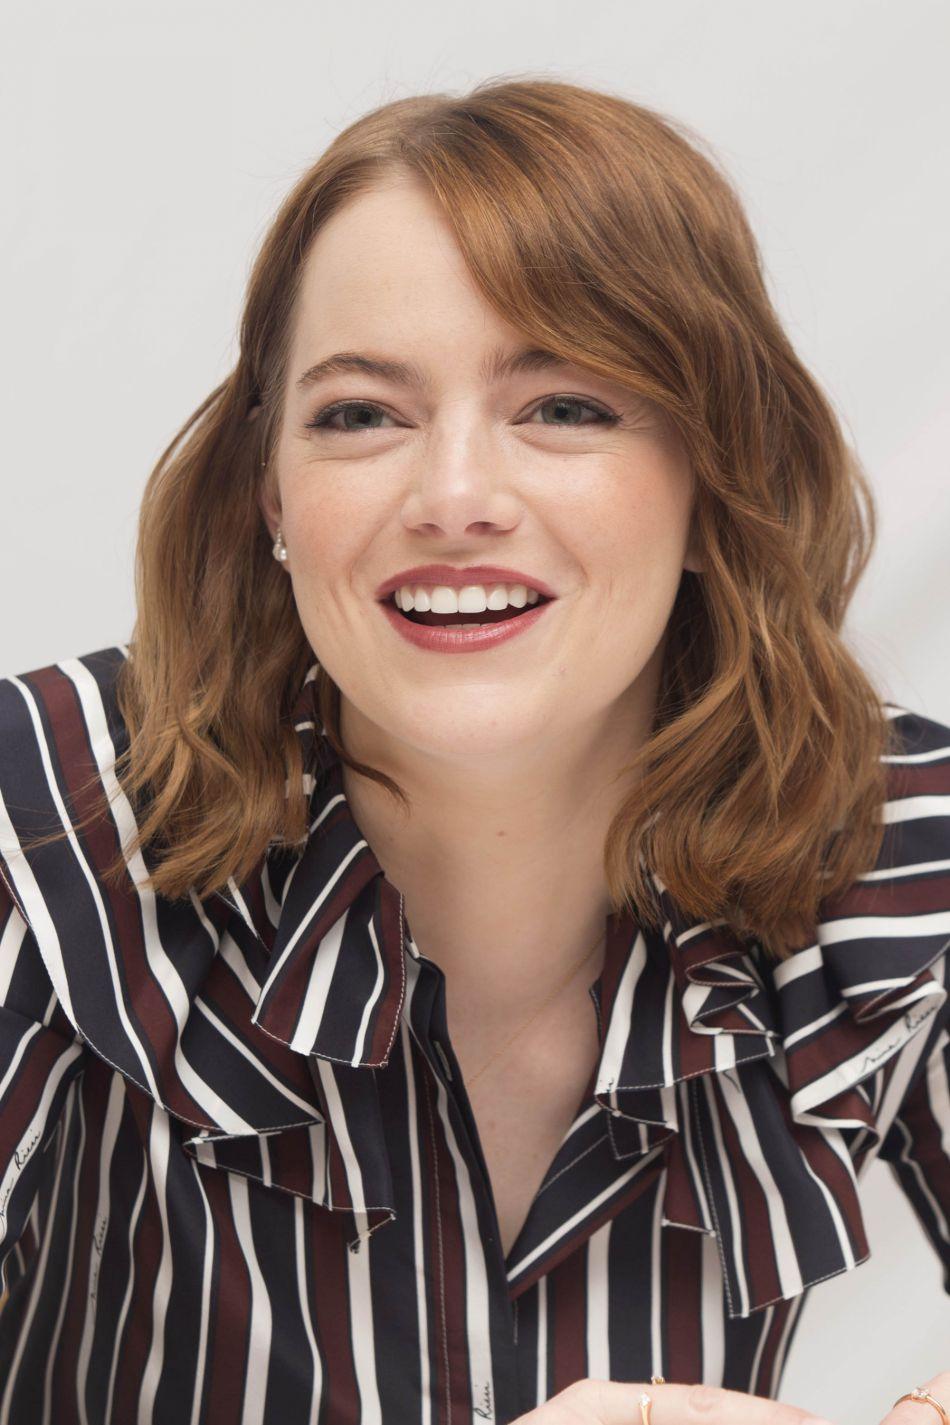 """Début 2017, elle sera à l'affiche de la comédie musicale """"La La Land"""" en compagnie de Ryan Gosling."""